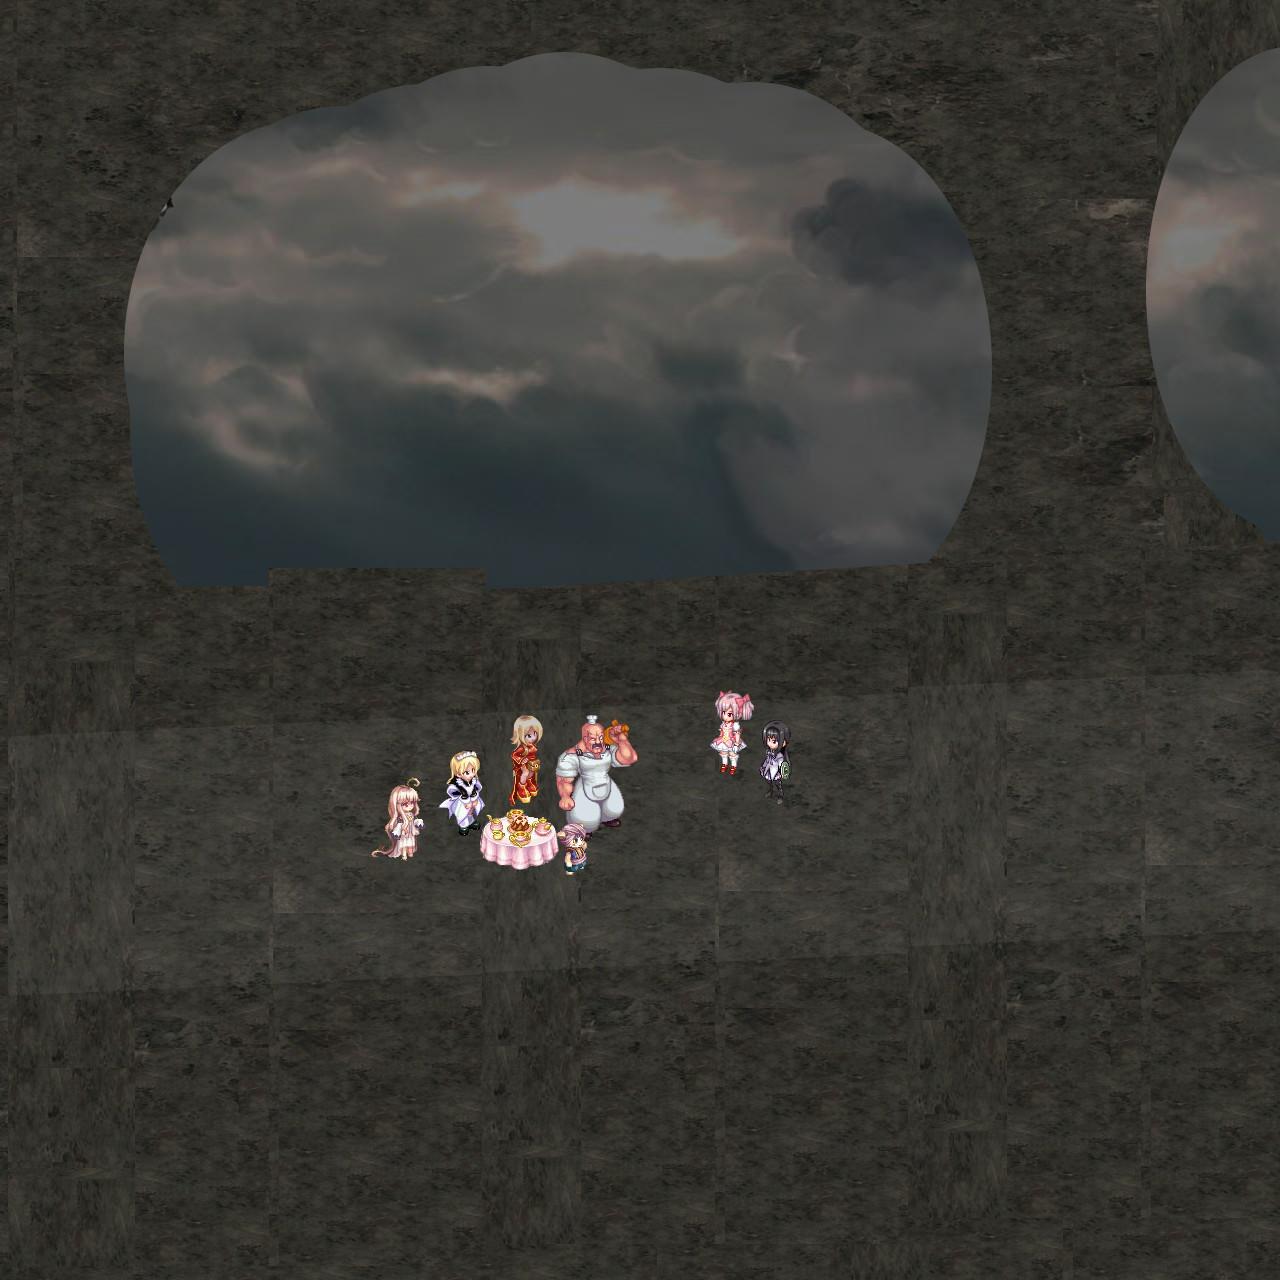 ワルプルギスの夜背天空の戦い52